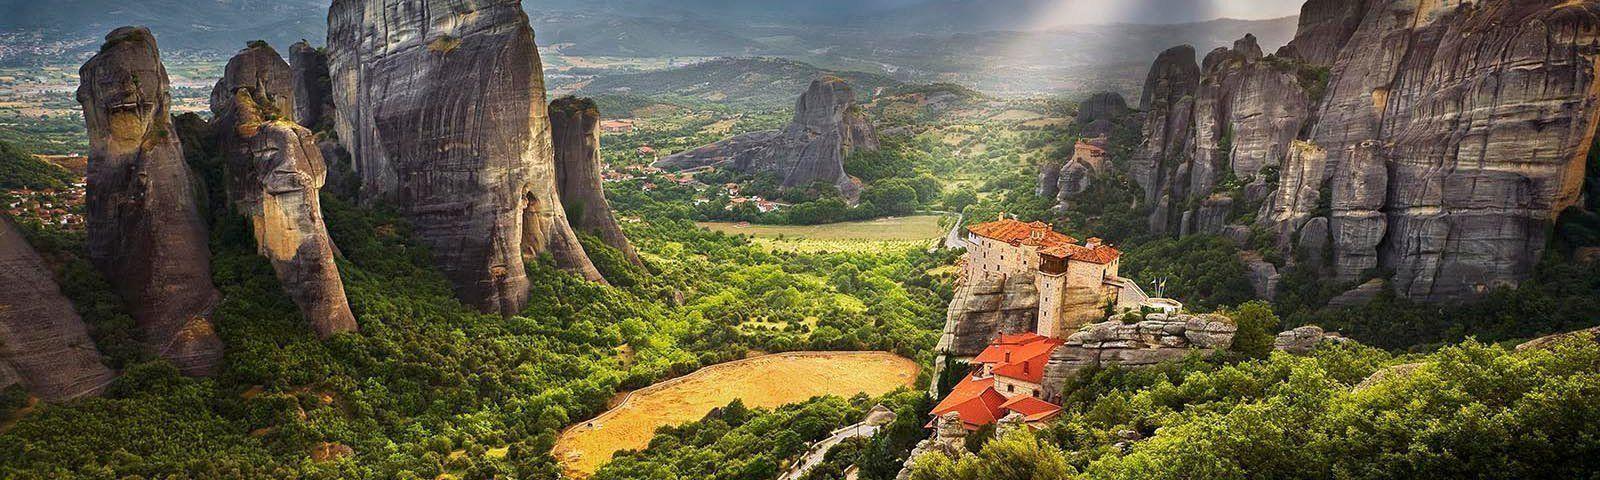 viaje-grecia-velero-meteora